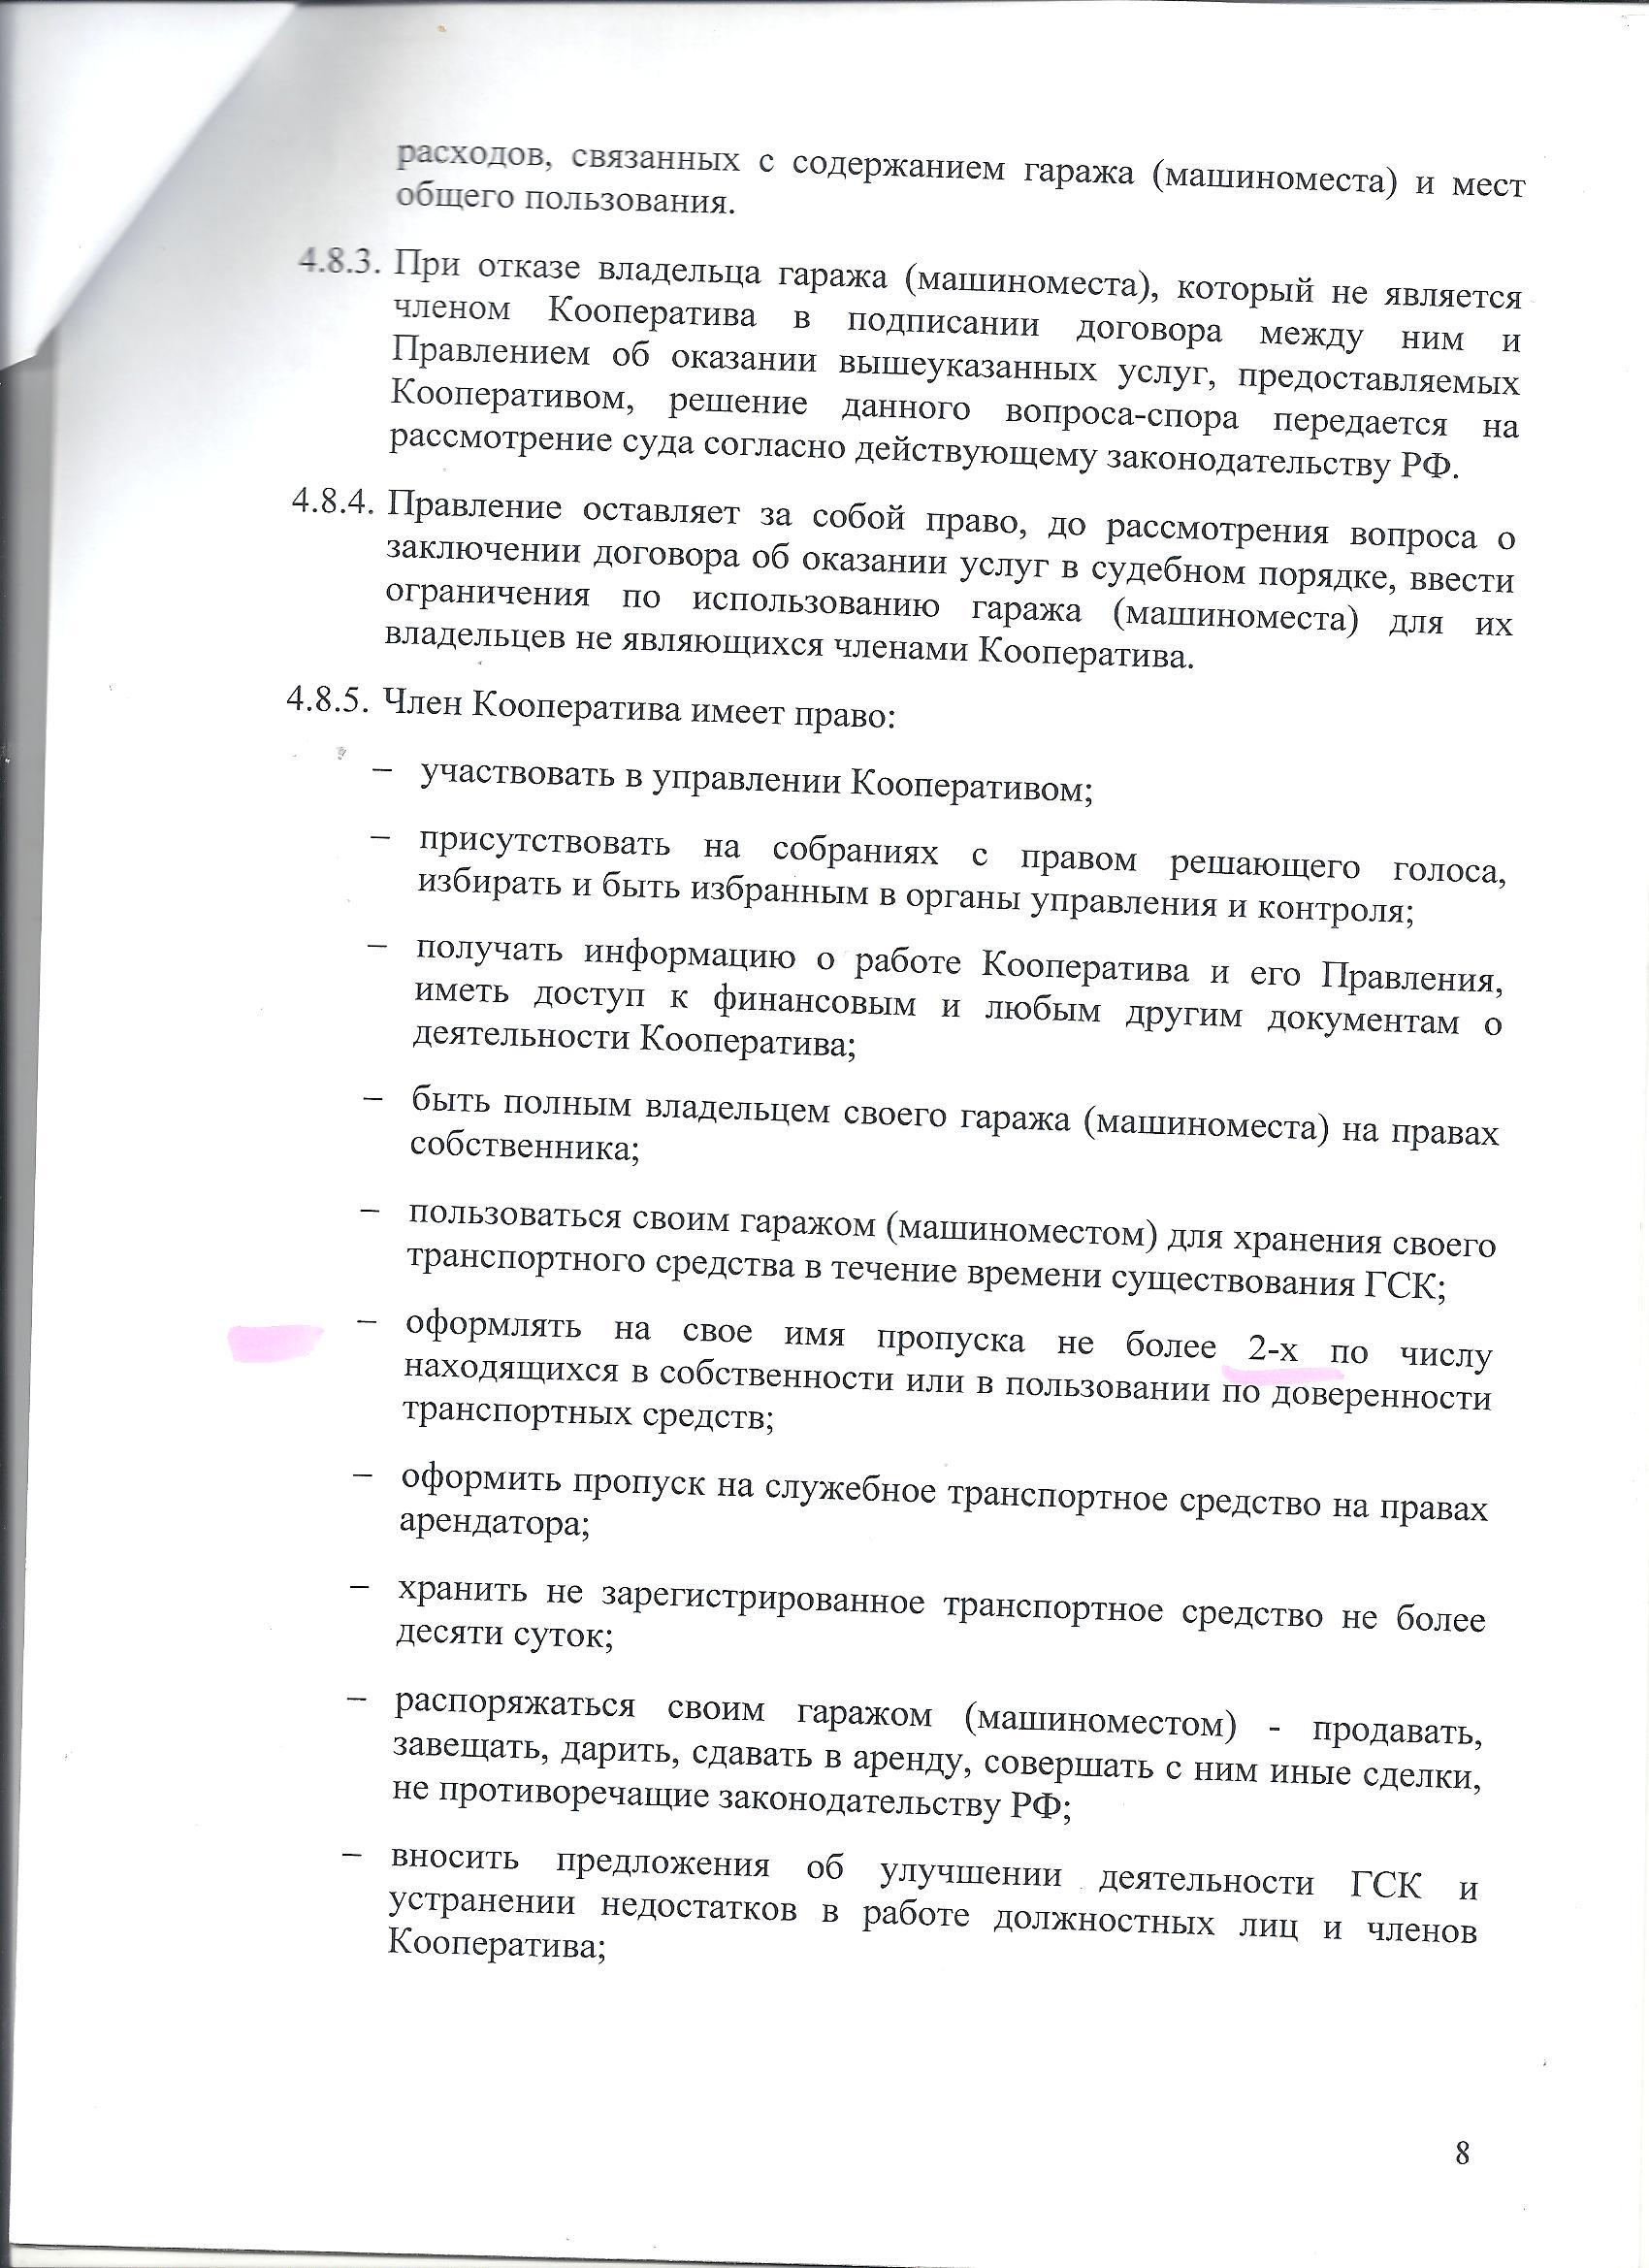 http://forumupload.ru/uploads/0018/e6/9c/2/263743.jpg